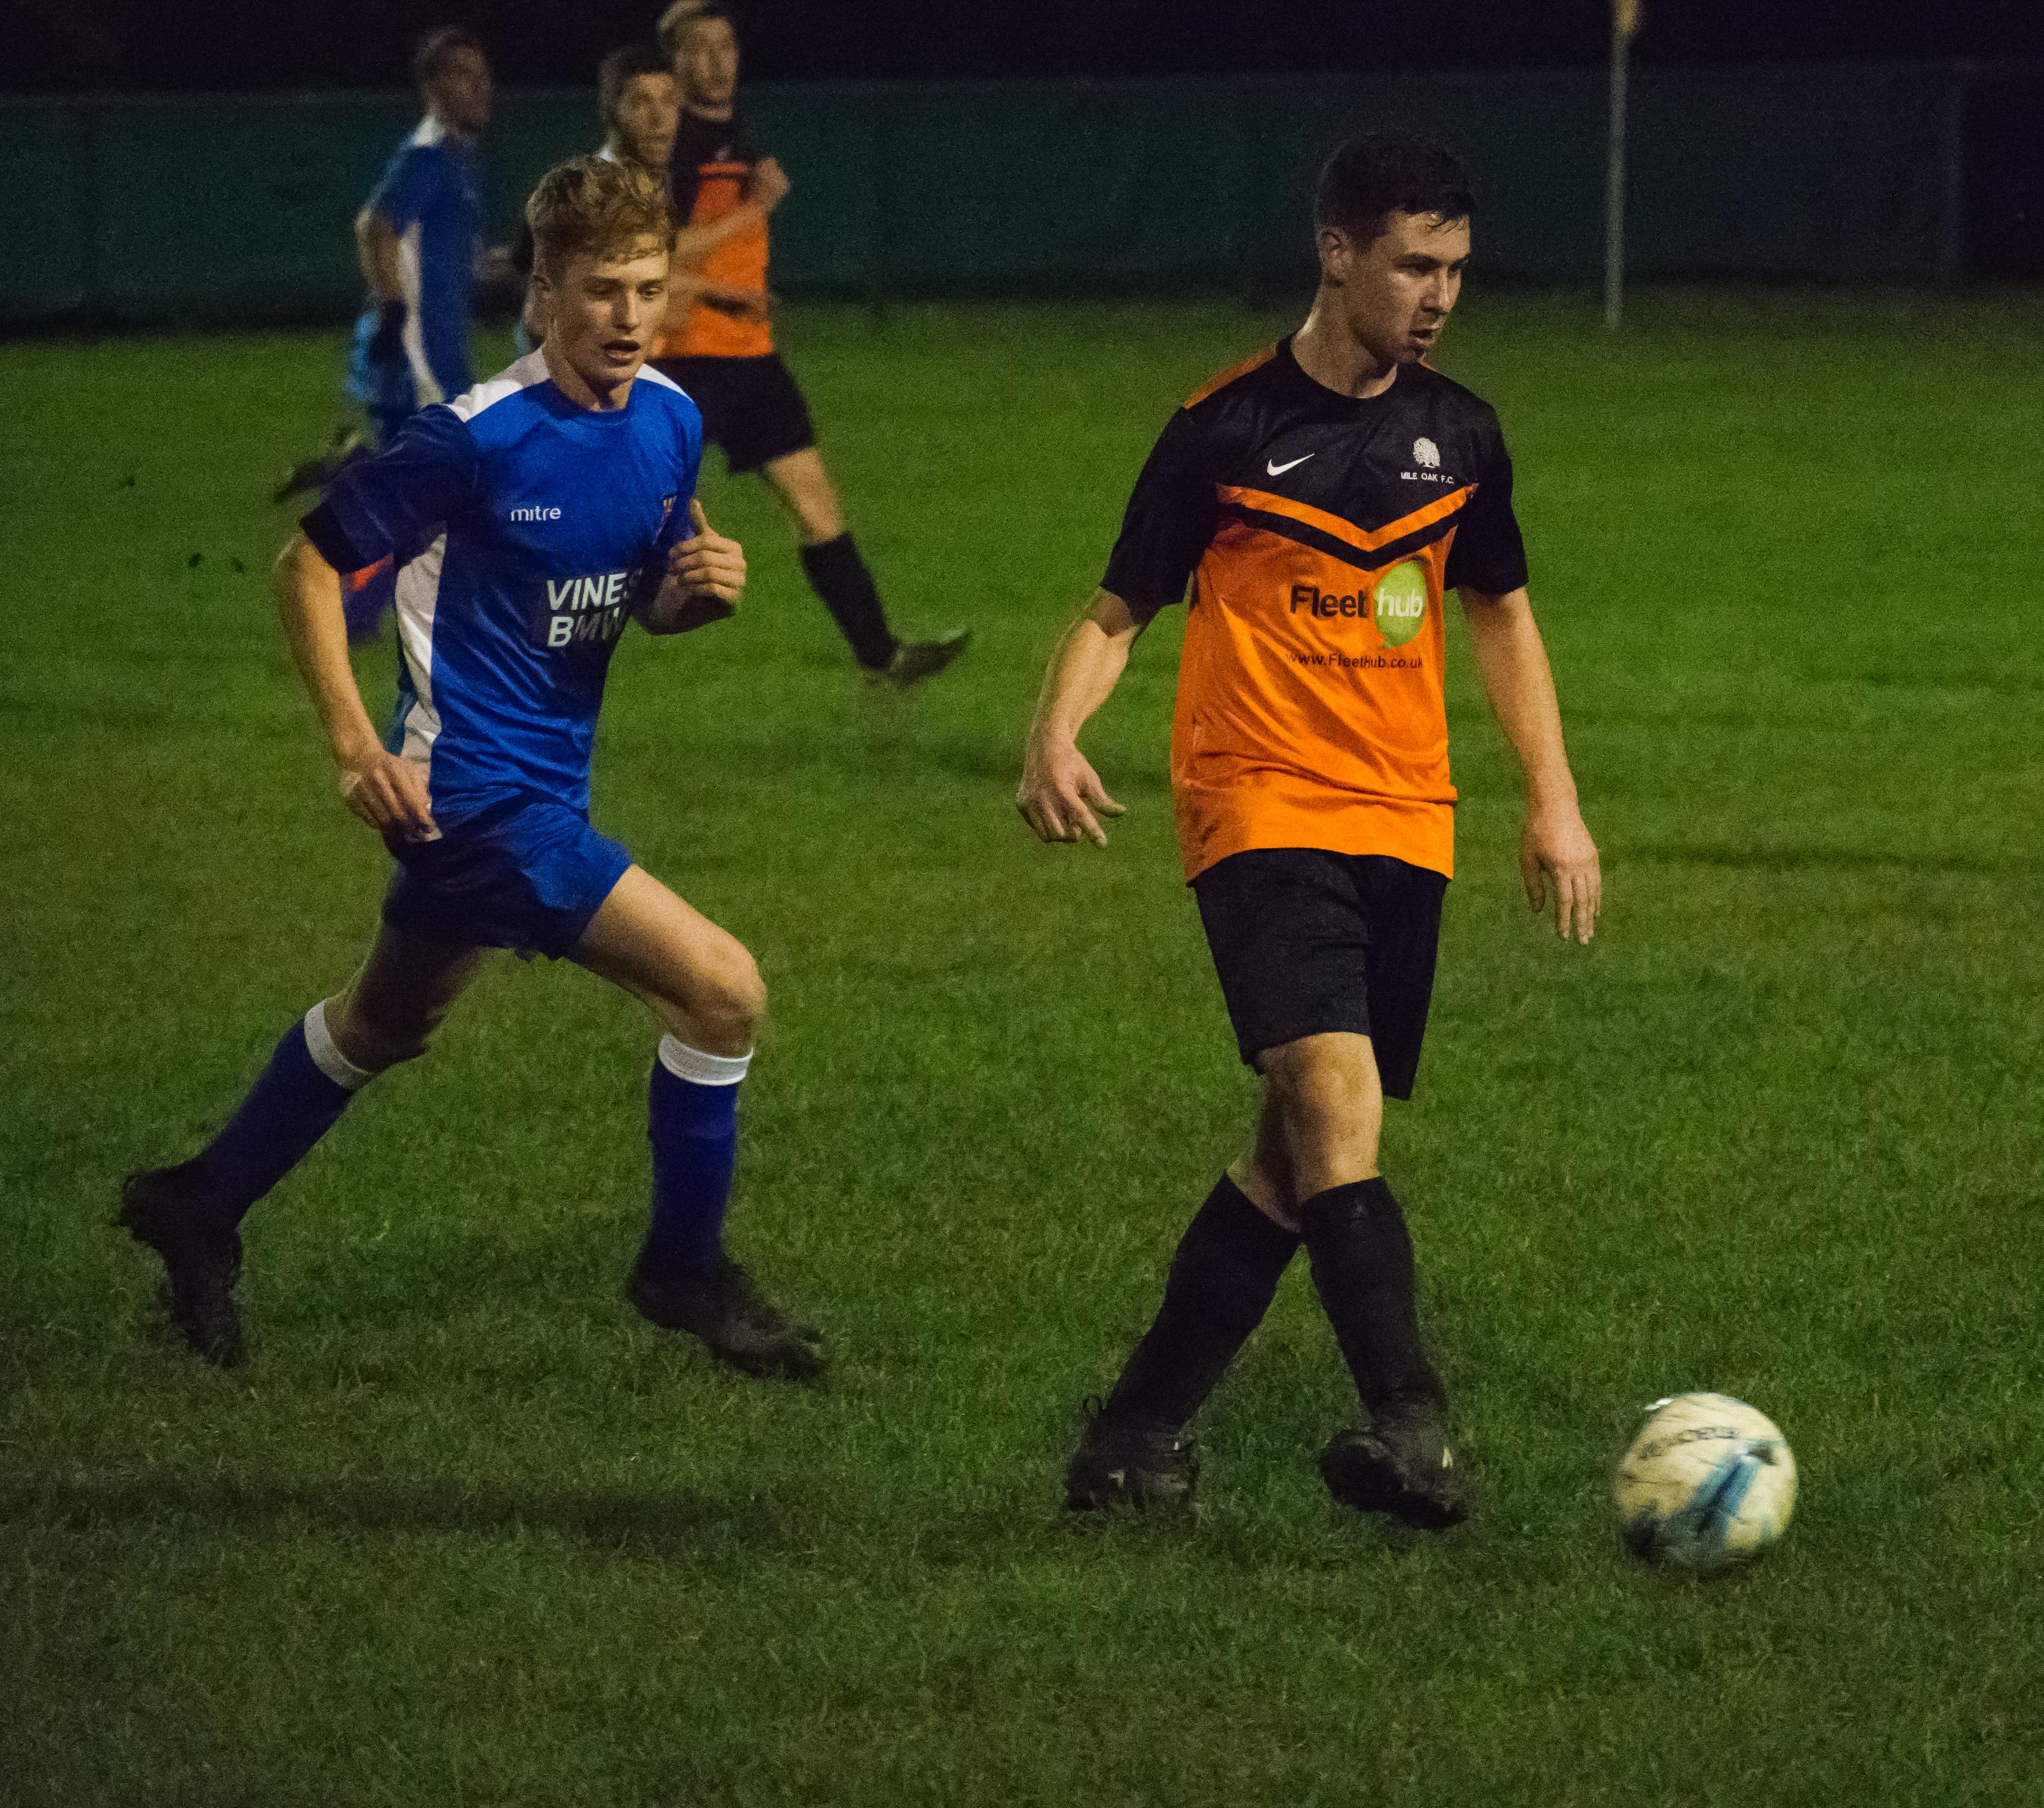 Mile Oak U21s vs Three Bridges U21s 09.11.17 06